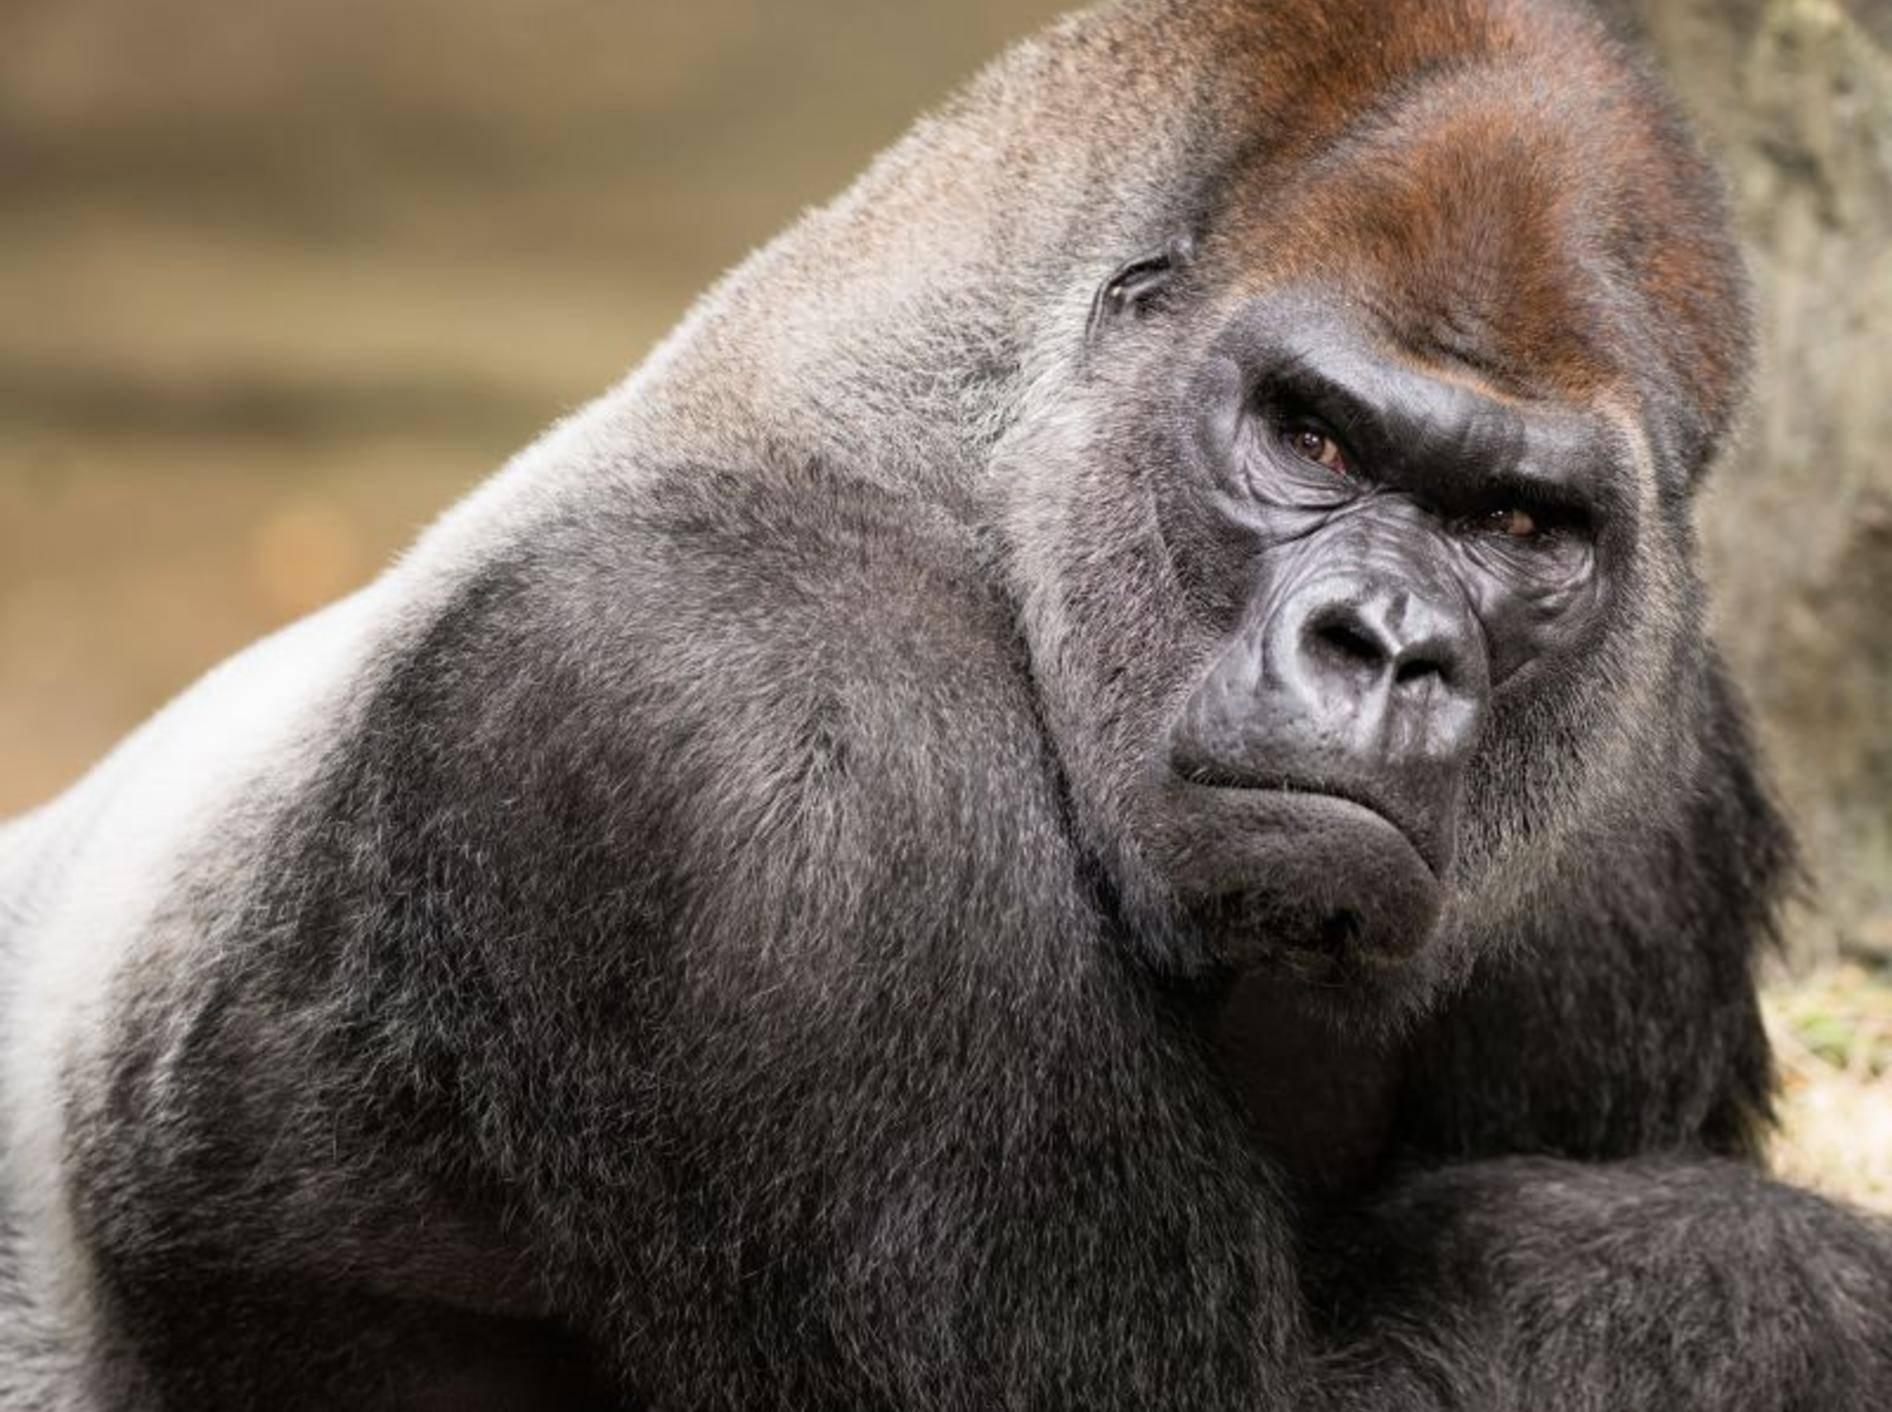 Gorilla. Der muskulöse Primat kann über 2.000 Kilogramm stemmen – Bild: Shutterstock / Nagel Photography